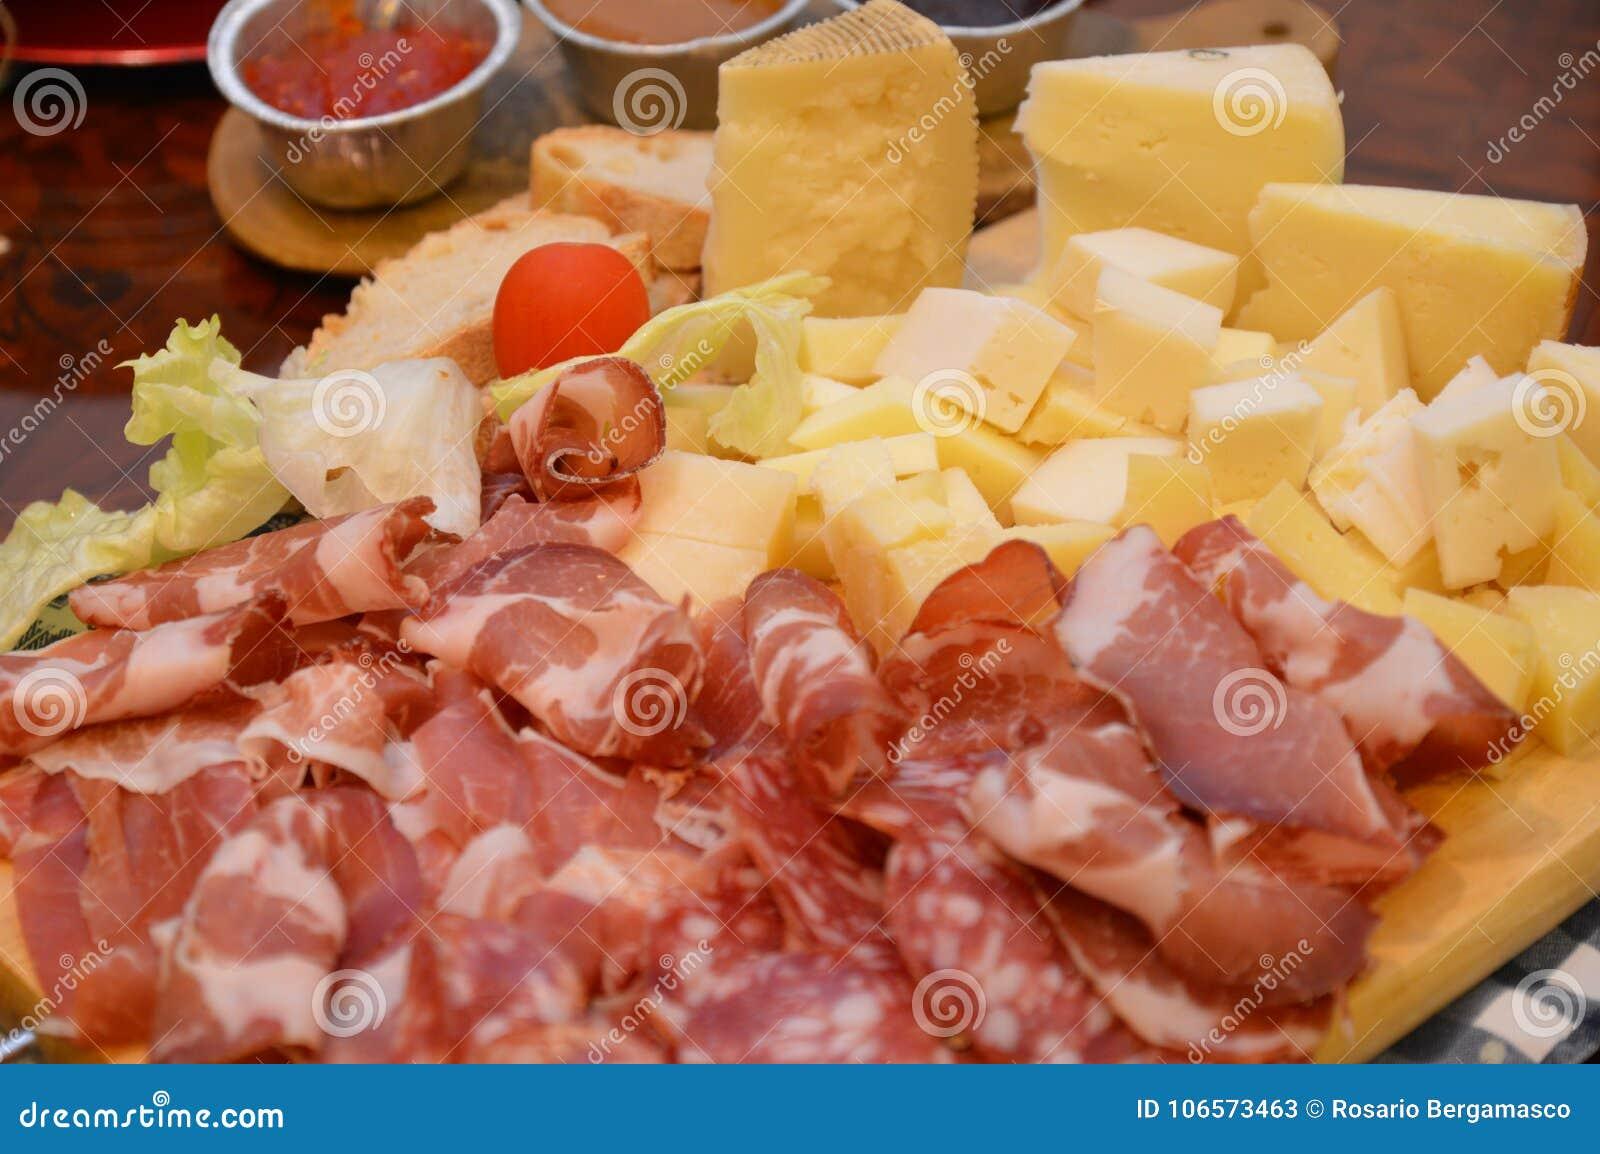 Comida Italiana Toscana Del Jamón De Chese Imagen De Archivo Imagen De Estilo Italiano 106573463